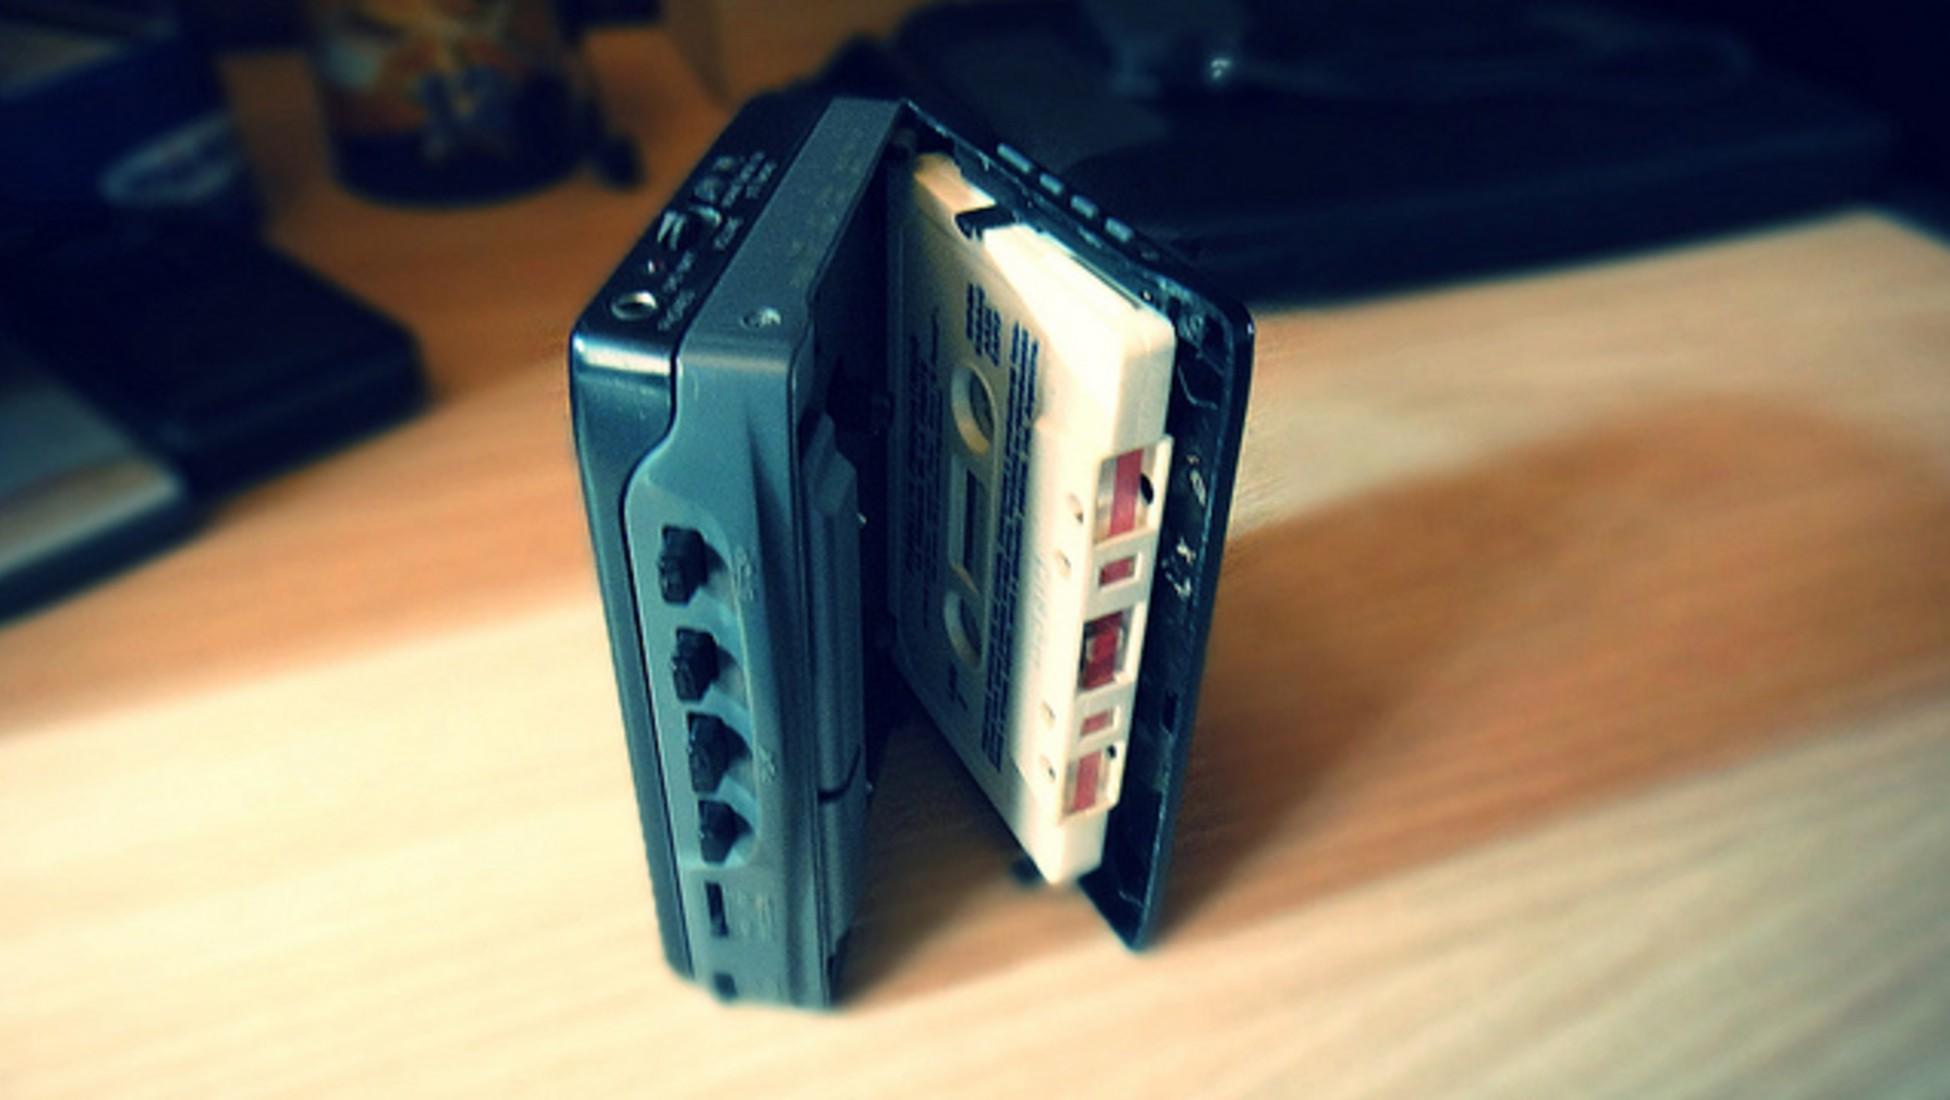 sony, walkman - photo 1 15621731412191273741300 - Liệu thế hệ 8X còn nhớ Walkman- chiếc máy làm cả thế giới thay đổi cách nghe nhạc của Sony?